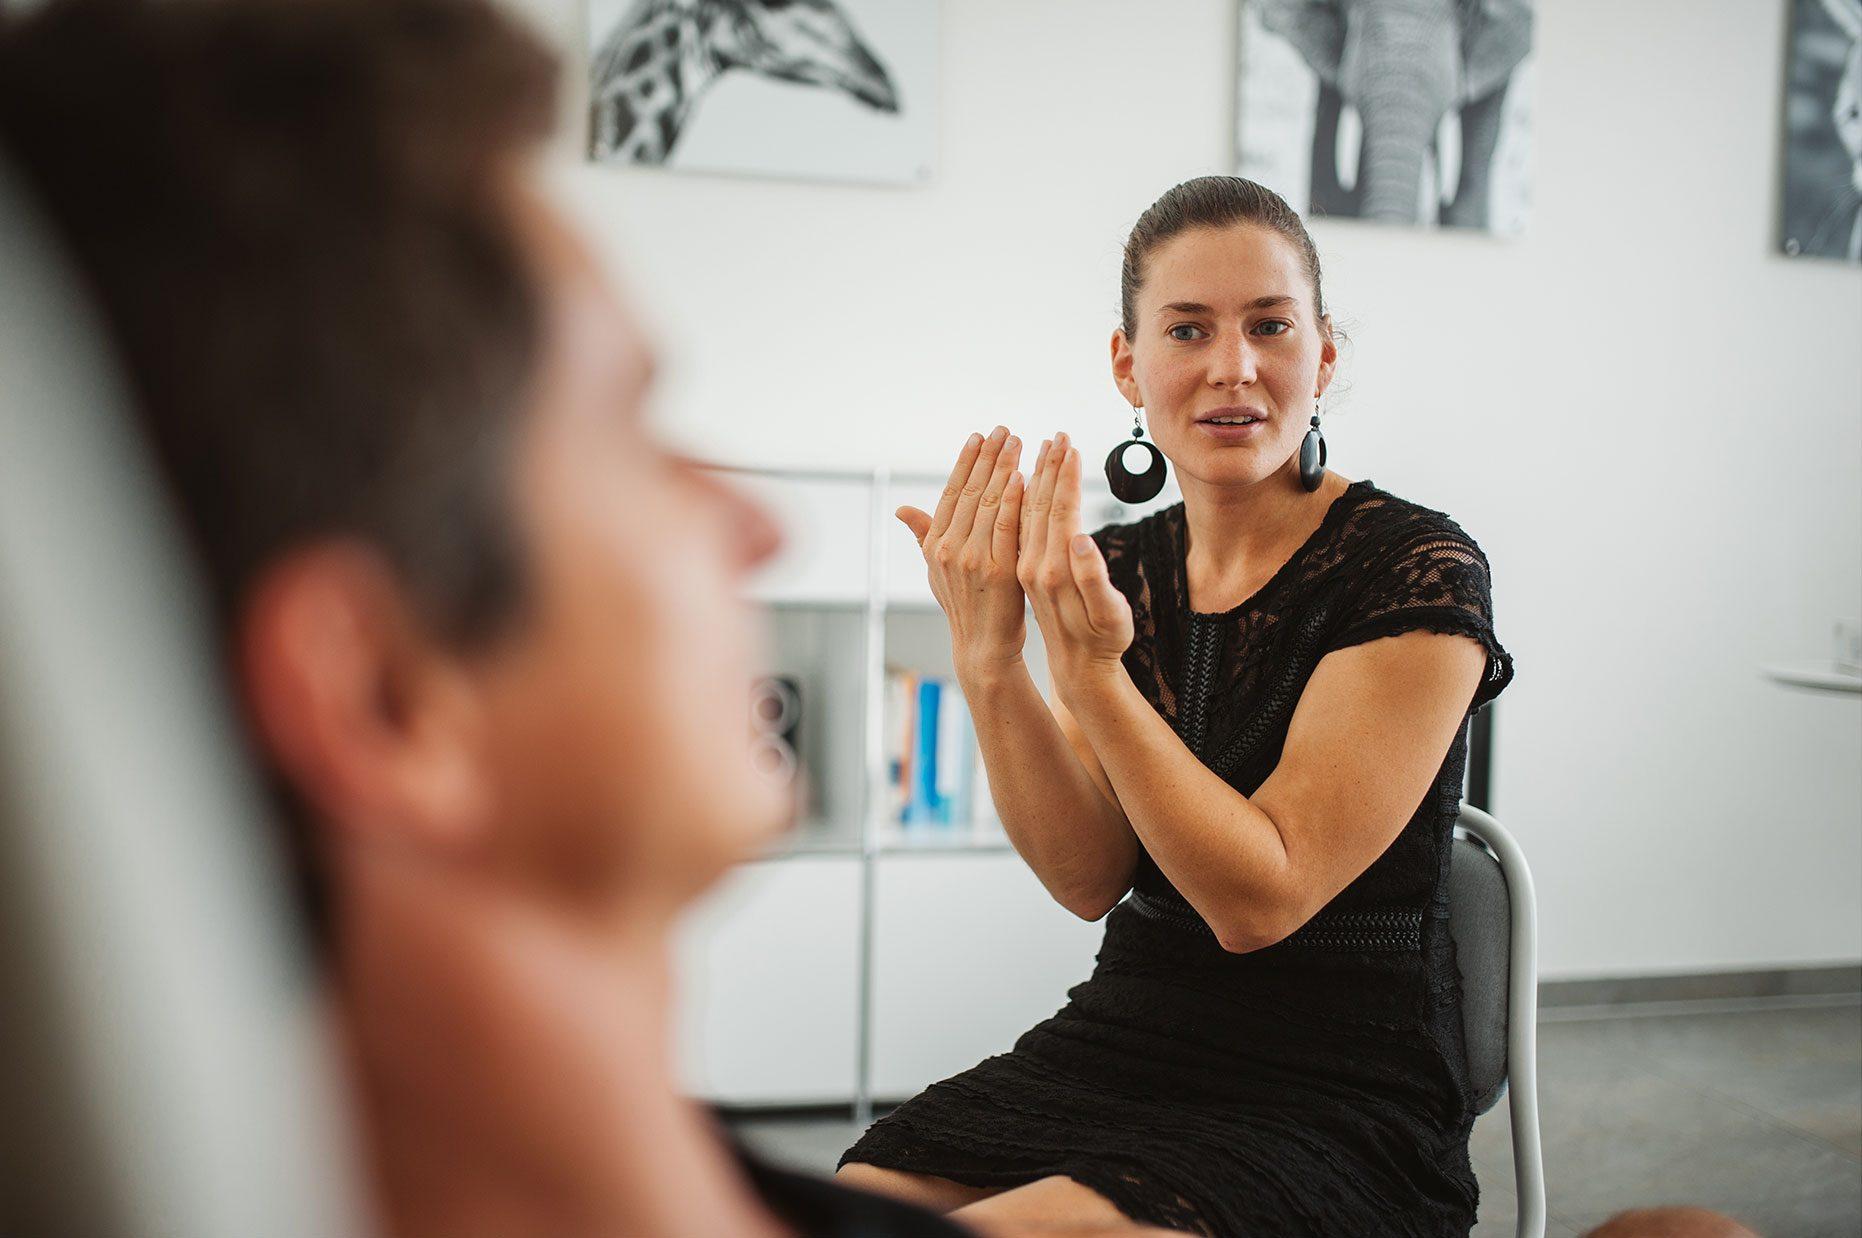 audrey hypnose arkade geneve therapie et training 62 e1503683194844 - Accueil - Arkade Genève - Thérapie, training, bien-être